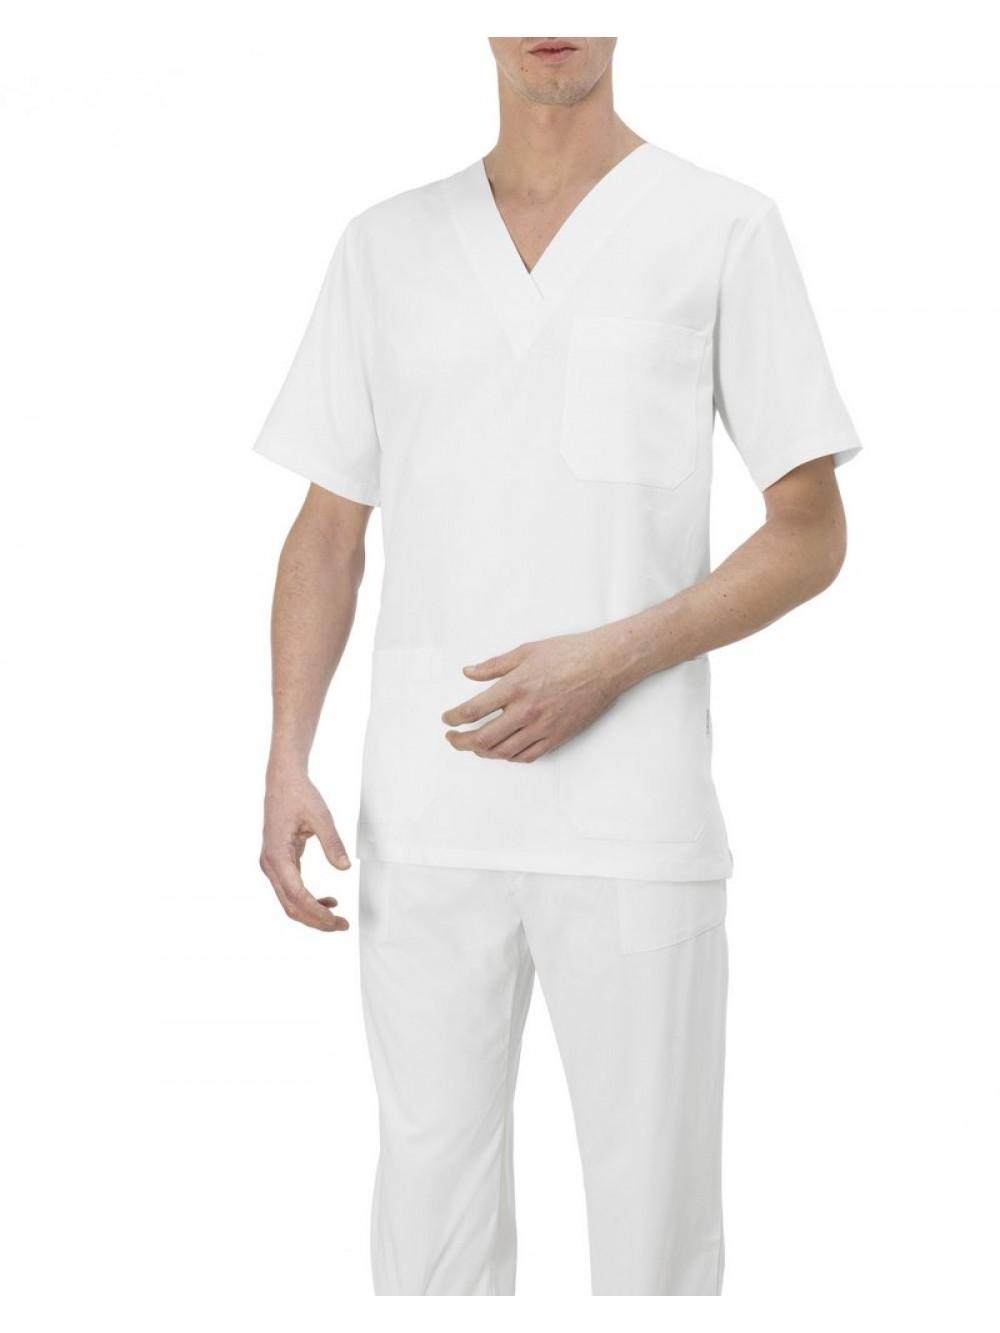 Completo Ospedaliero Unisex  25beee47b49b